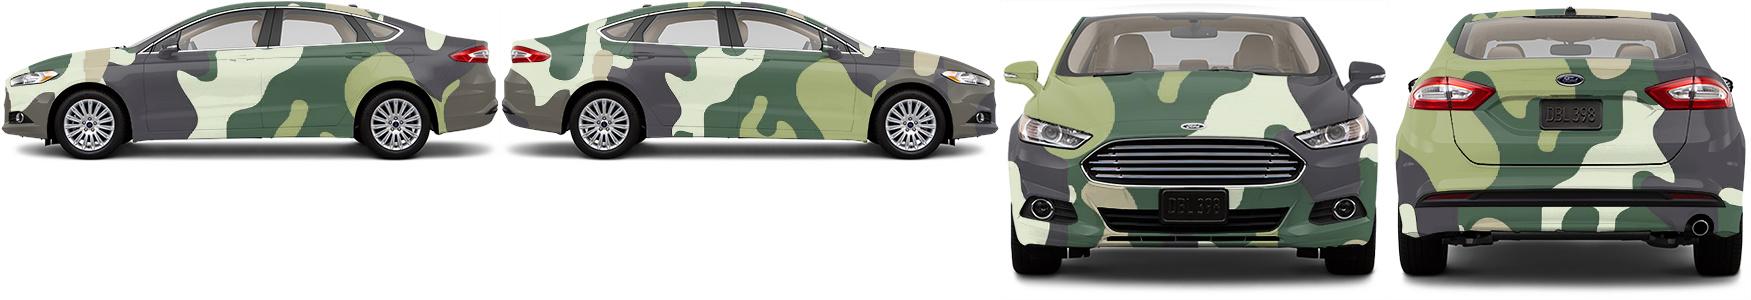 Sedan Wrap #48669